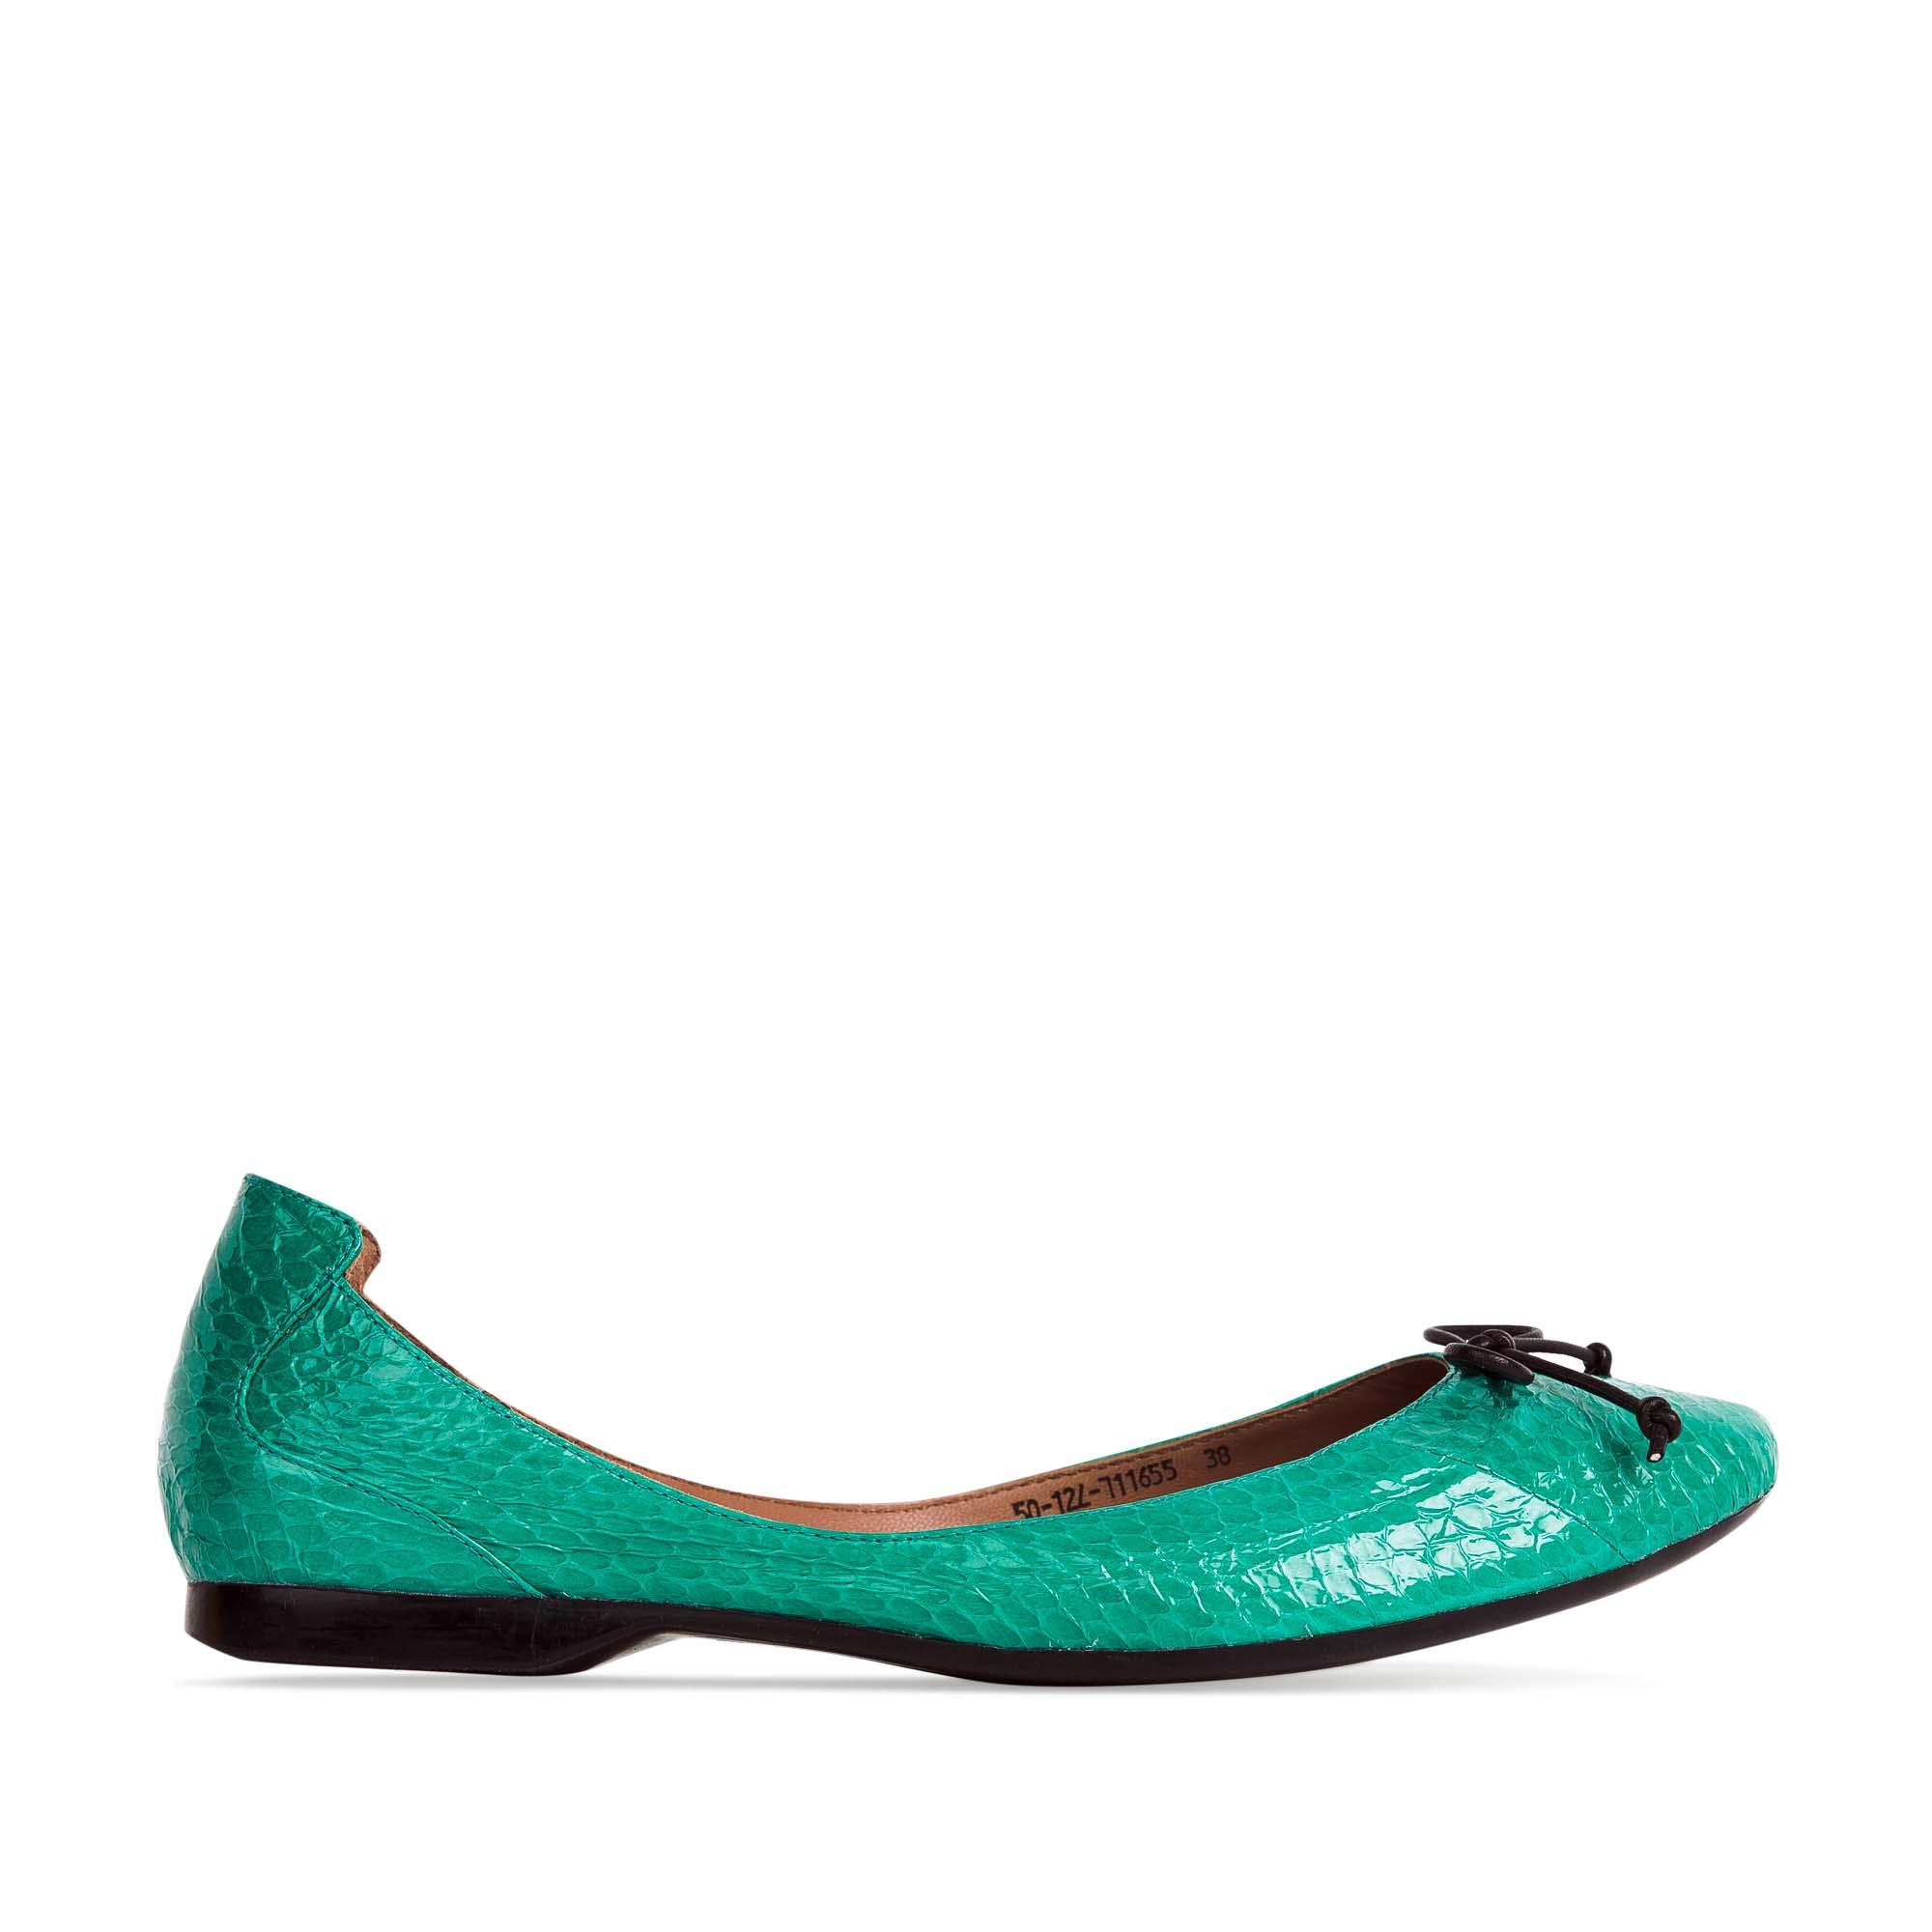 Балетки из кожи змеи бирюзового цвета с декоративным бантомБалетки женские<br><br>Материал верха: Кожа змеи<br>Материал подкладки: Кожа<br>Материал подошвы: Резина<br>Цвет: Зеленый<br>Высота каблука: 1см<br>Дизайн: Италия<br>Страна производства: Китай<br><br>Высота каблука: 1 см<br>Материал верха: Кожа змеи<br>Материал подошвы: Резина<br>Материал подкладки: Кожа<br>Цвет: Зеленый<br>Вес кг: 0.26000000<br>Размер: 35